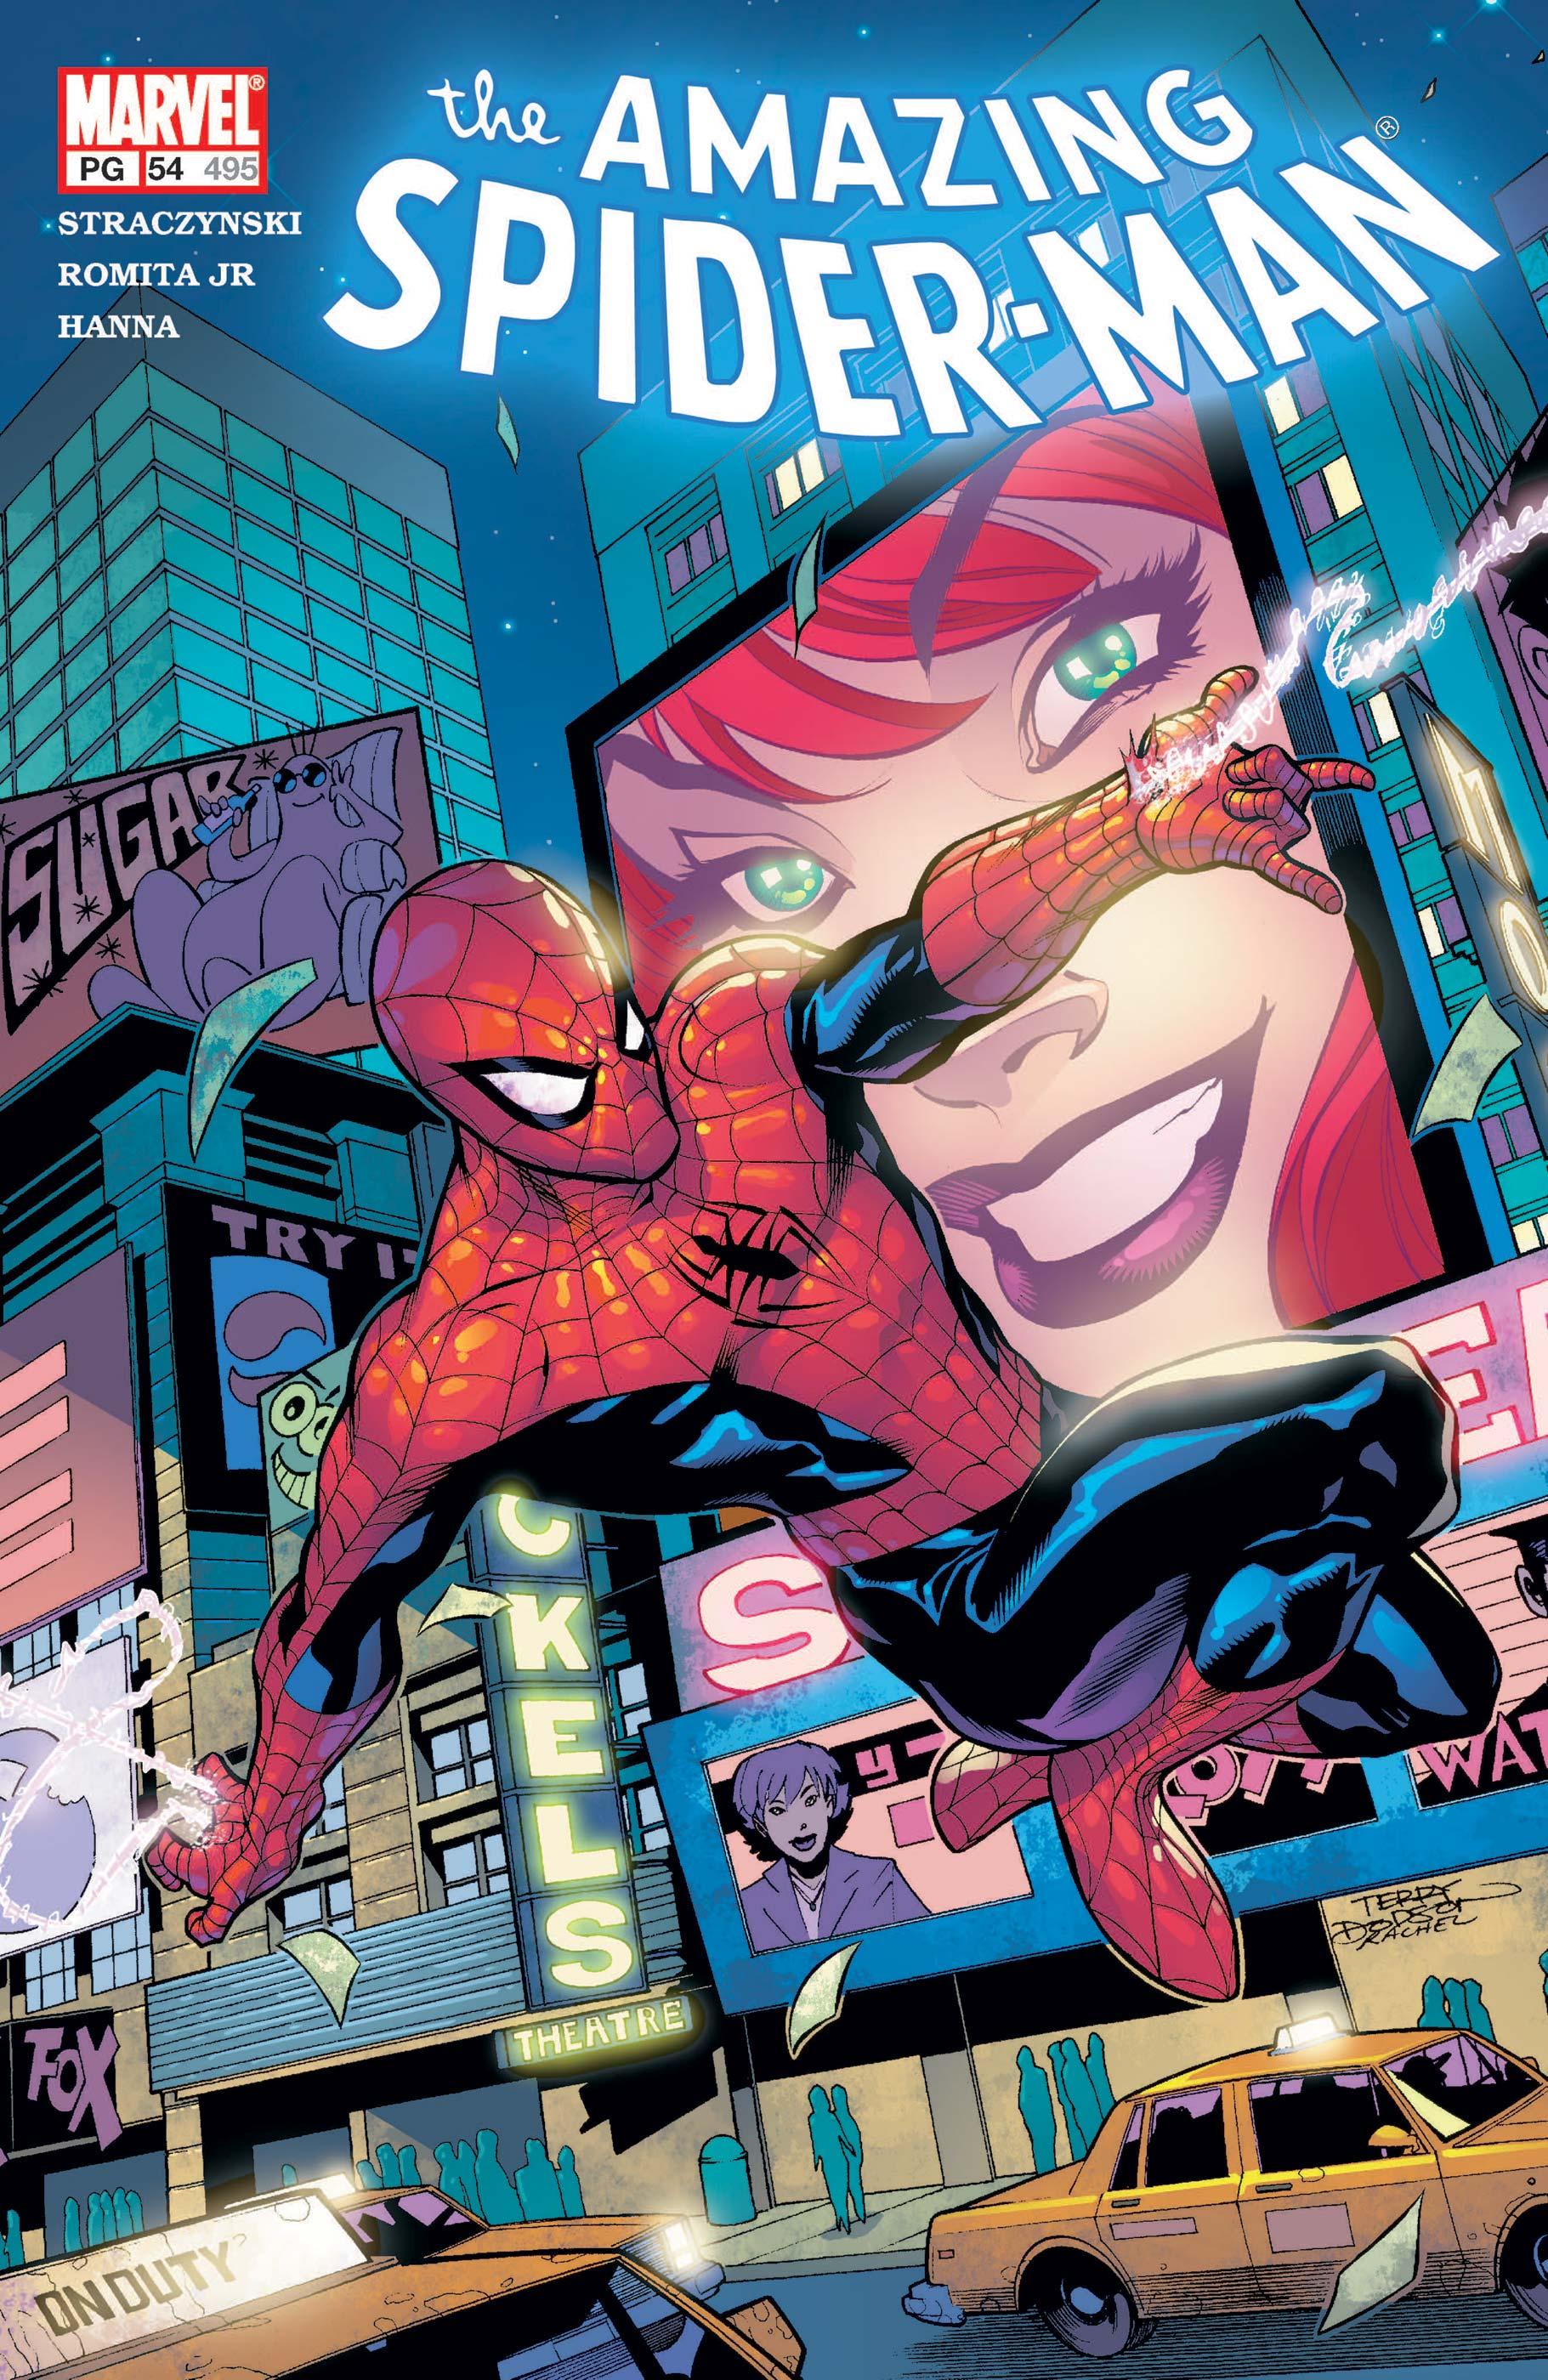 Amazing Spider-Man (1999) #54